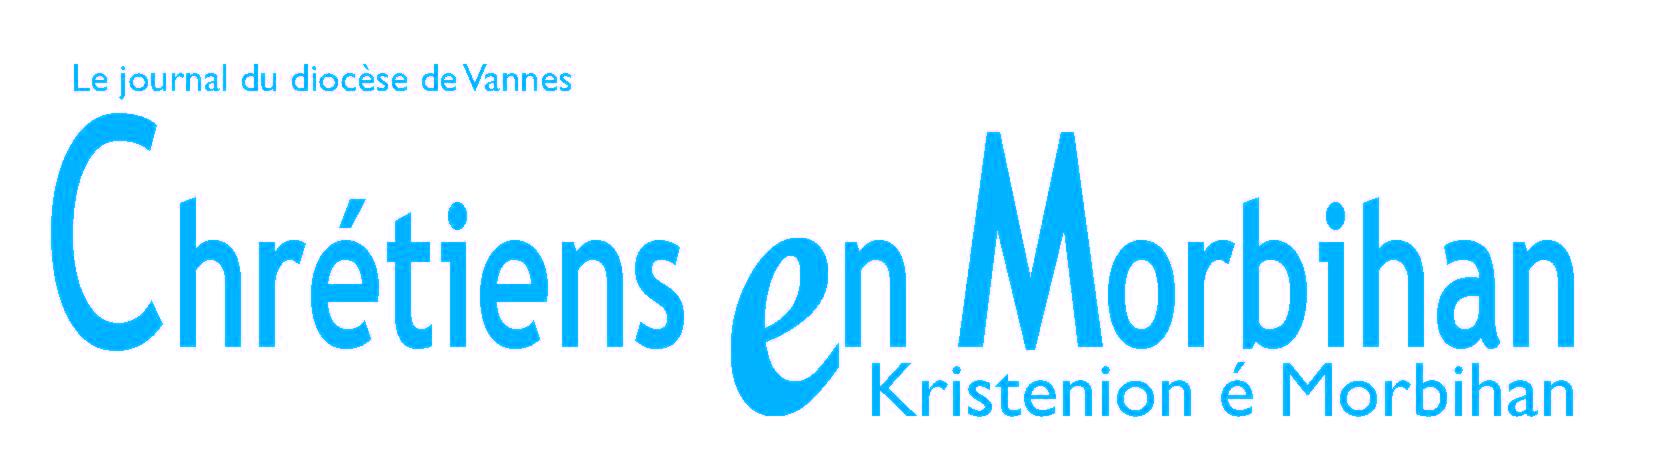 Chrétiens-en-Morbihan-nouveau-bandeau